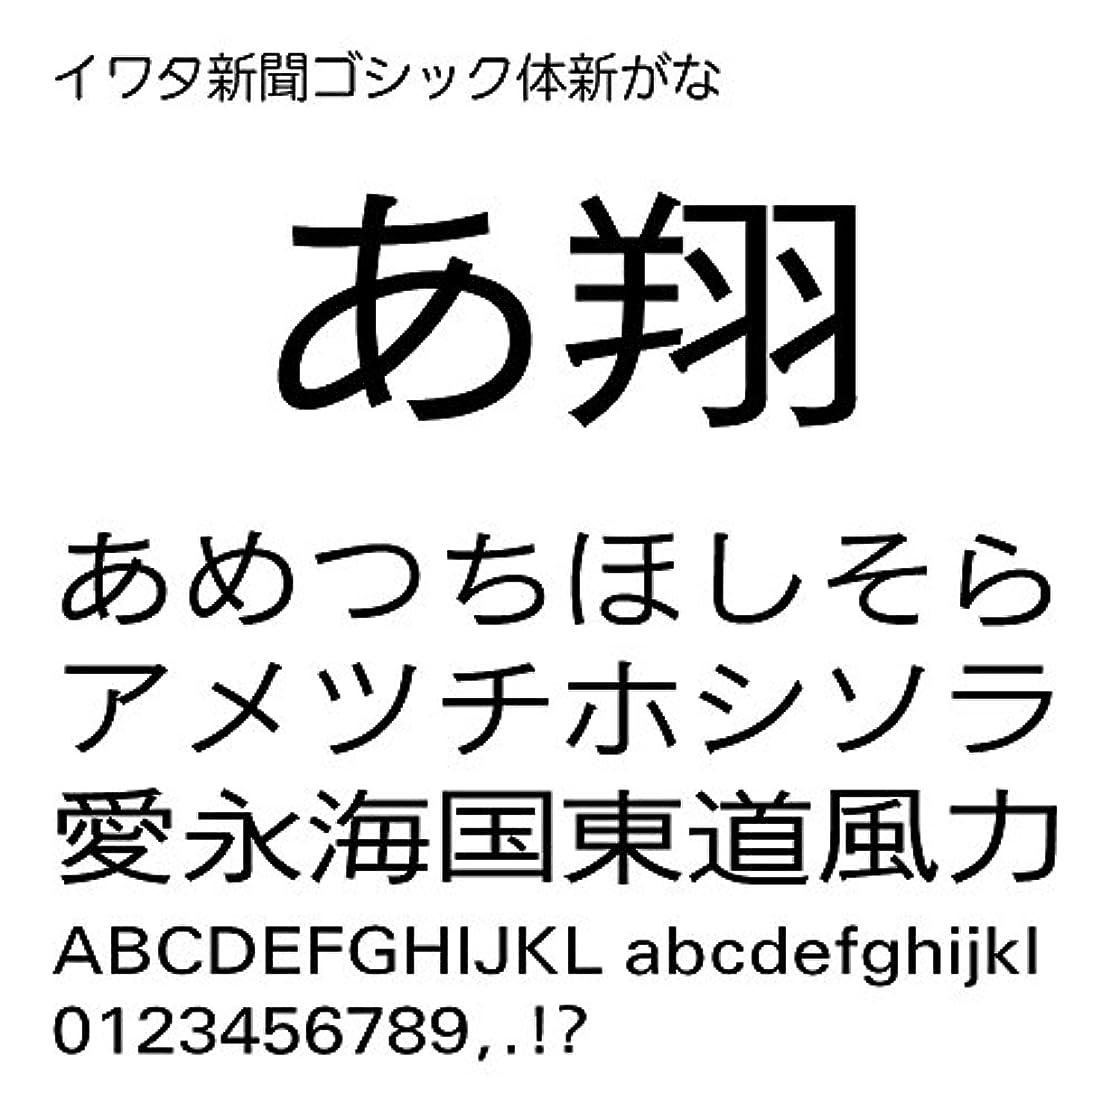 岩苦存在イワタ新聞ゴシック体新がなPro OpenType Font for Windows [ダウンロード]